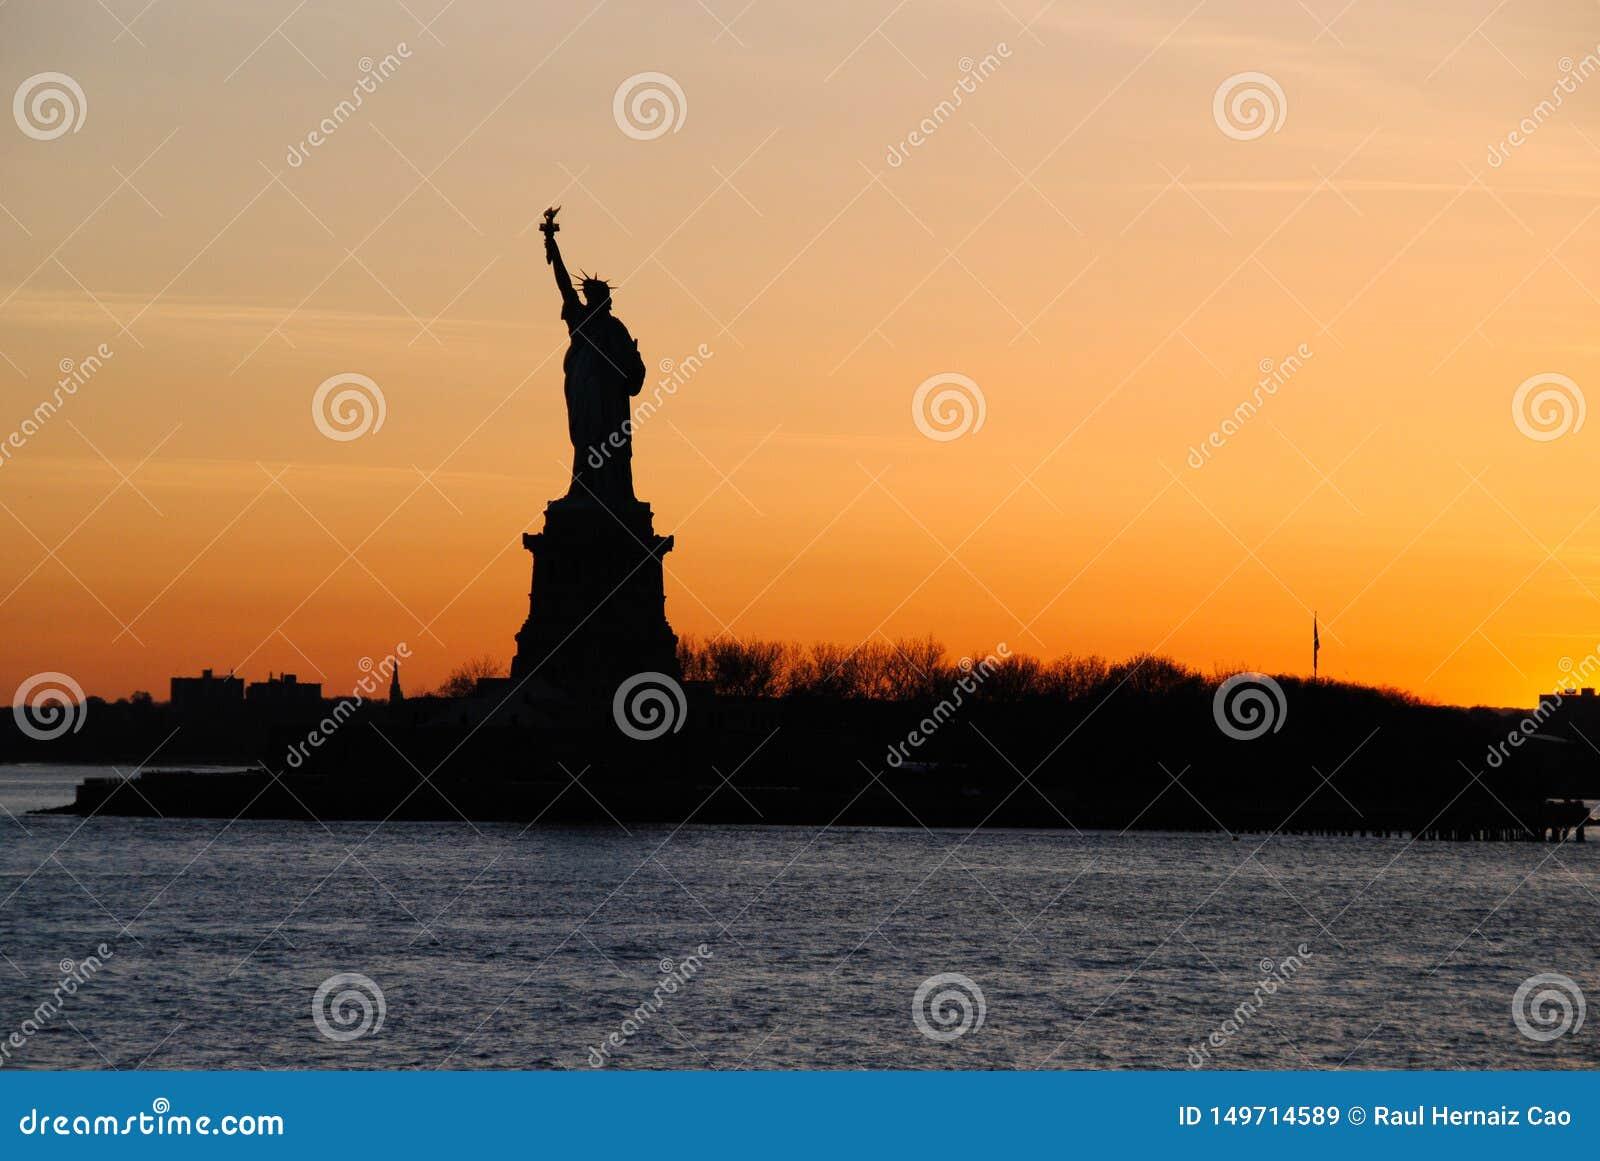 Vista excitante da estátua da liberdade, no por do sol